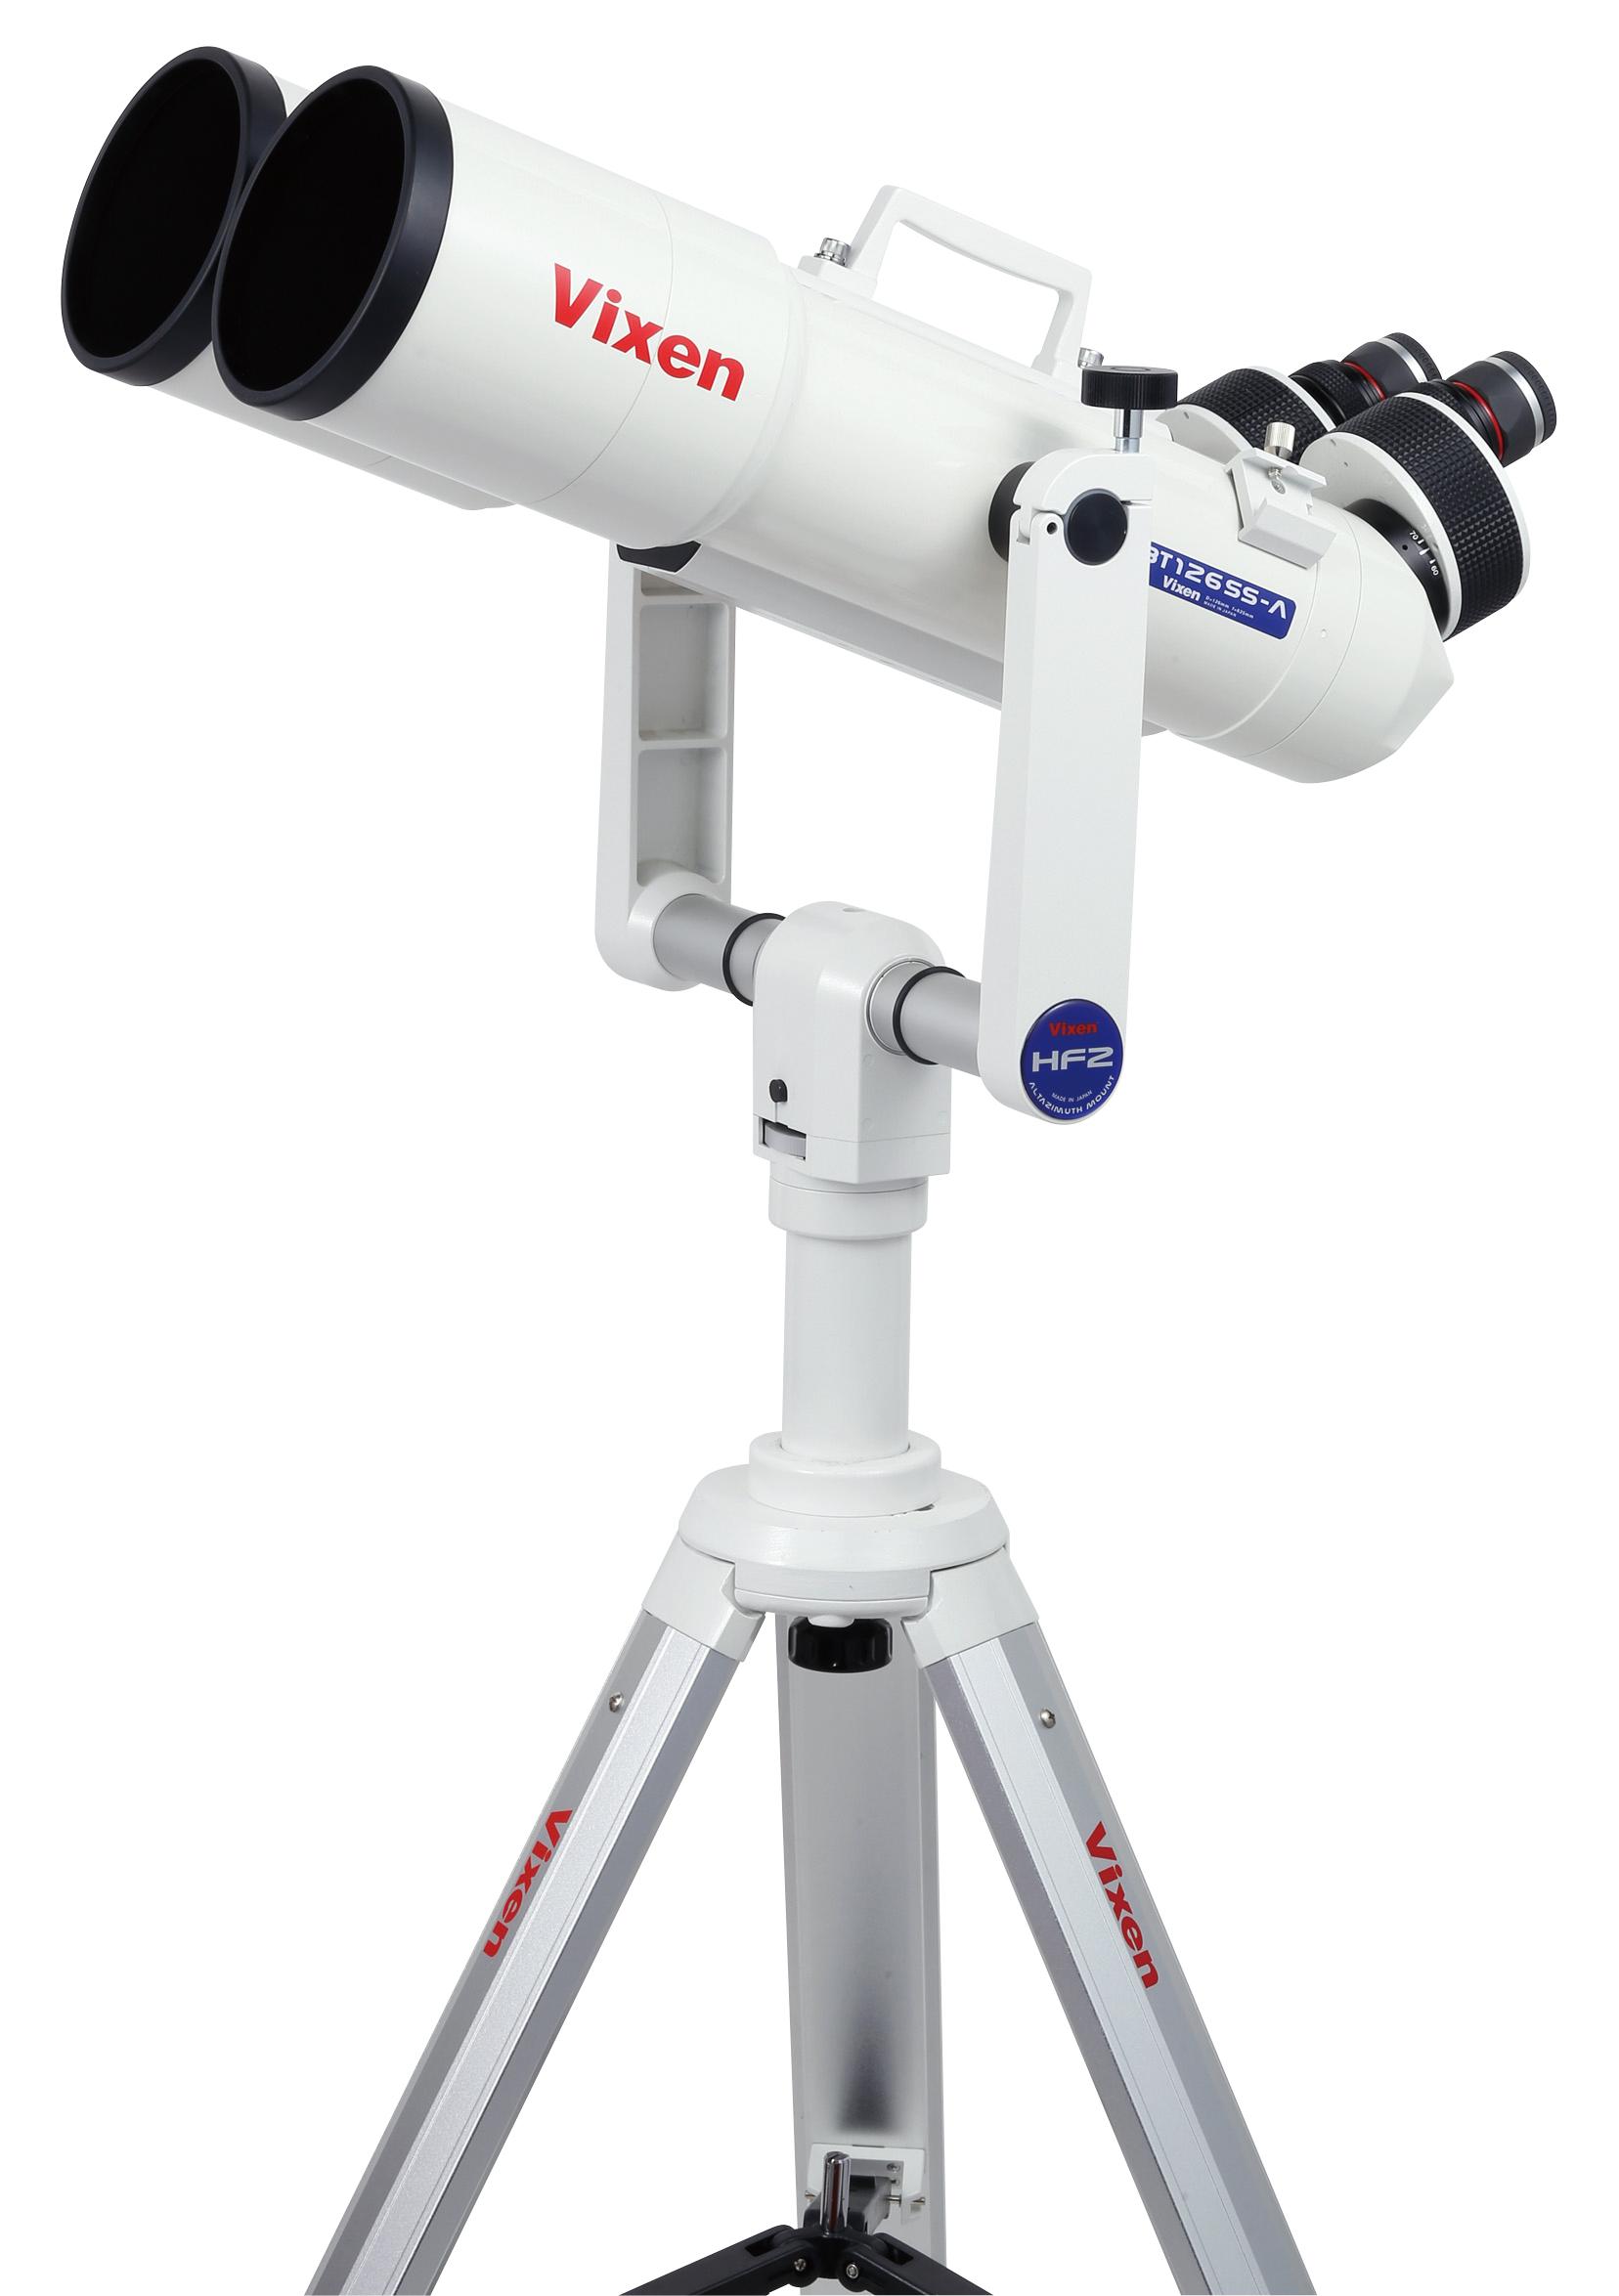 ビクセン 対空双眼鏡 三脚セット HF2- BT126SS-A